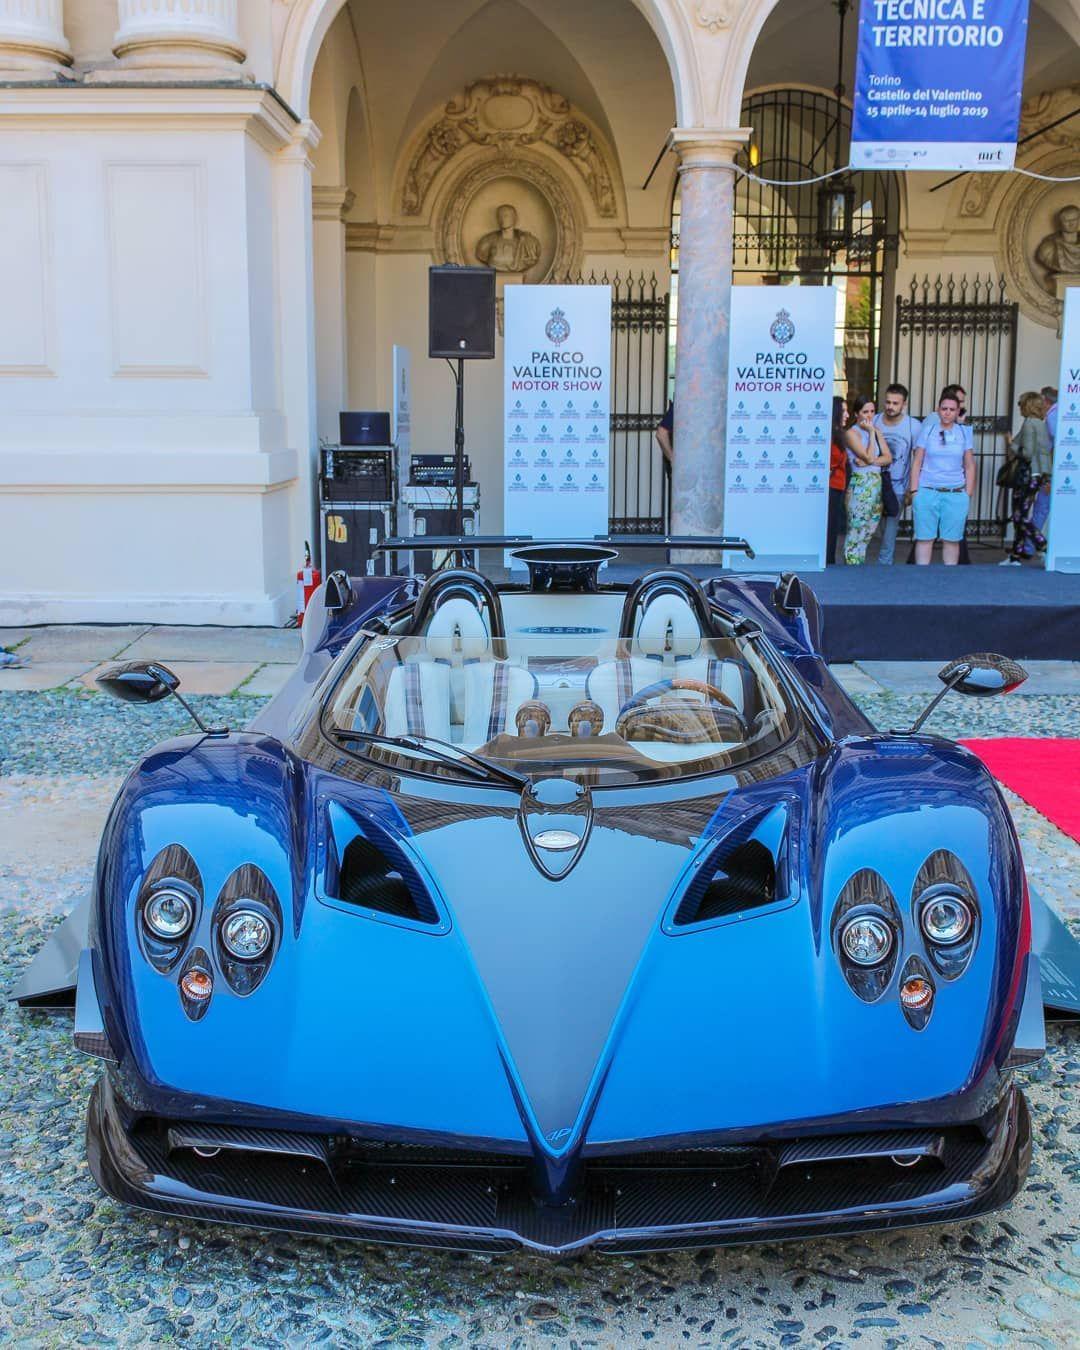 Pagani Zonda Hp Barchetta Pagani Super Luxury Cars Pagani Zonda